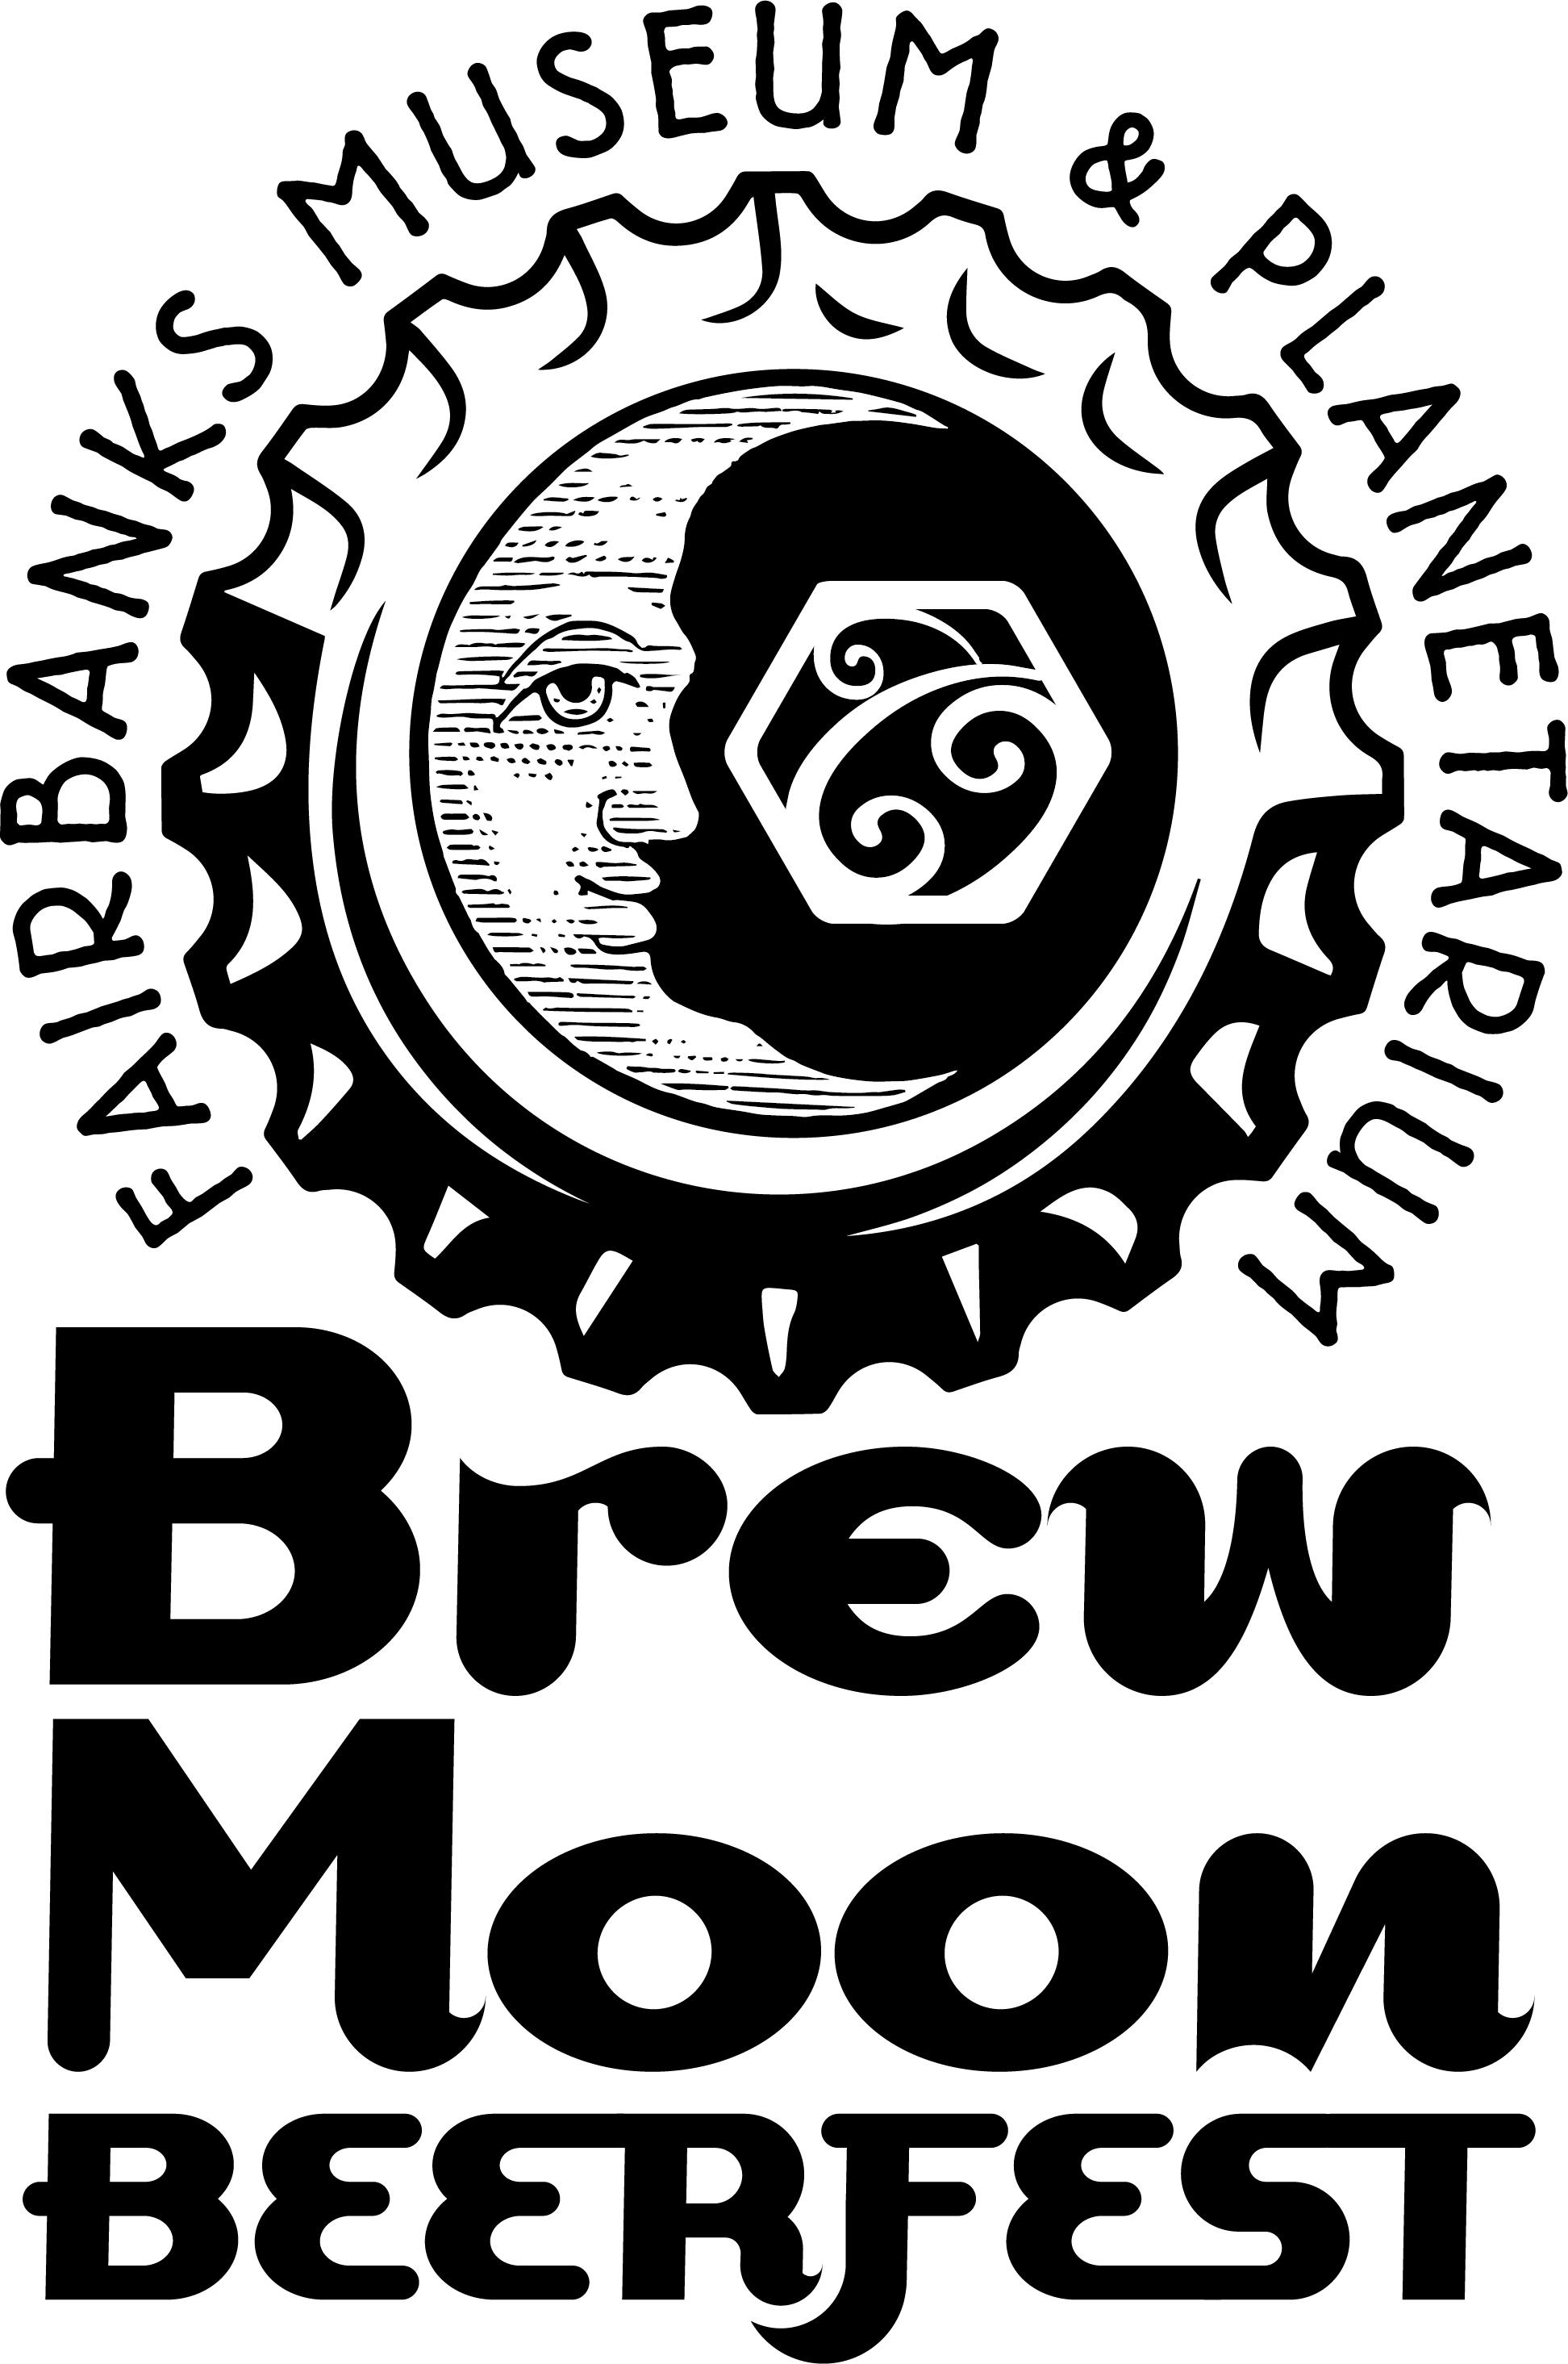 brewfestlogos090619A